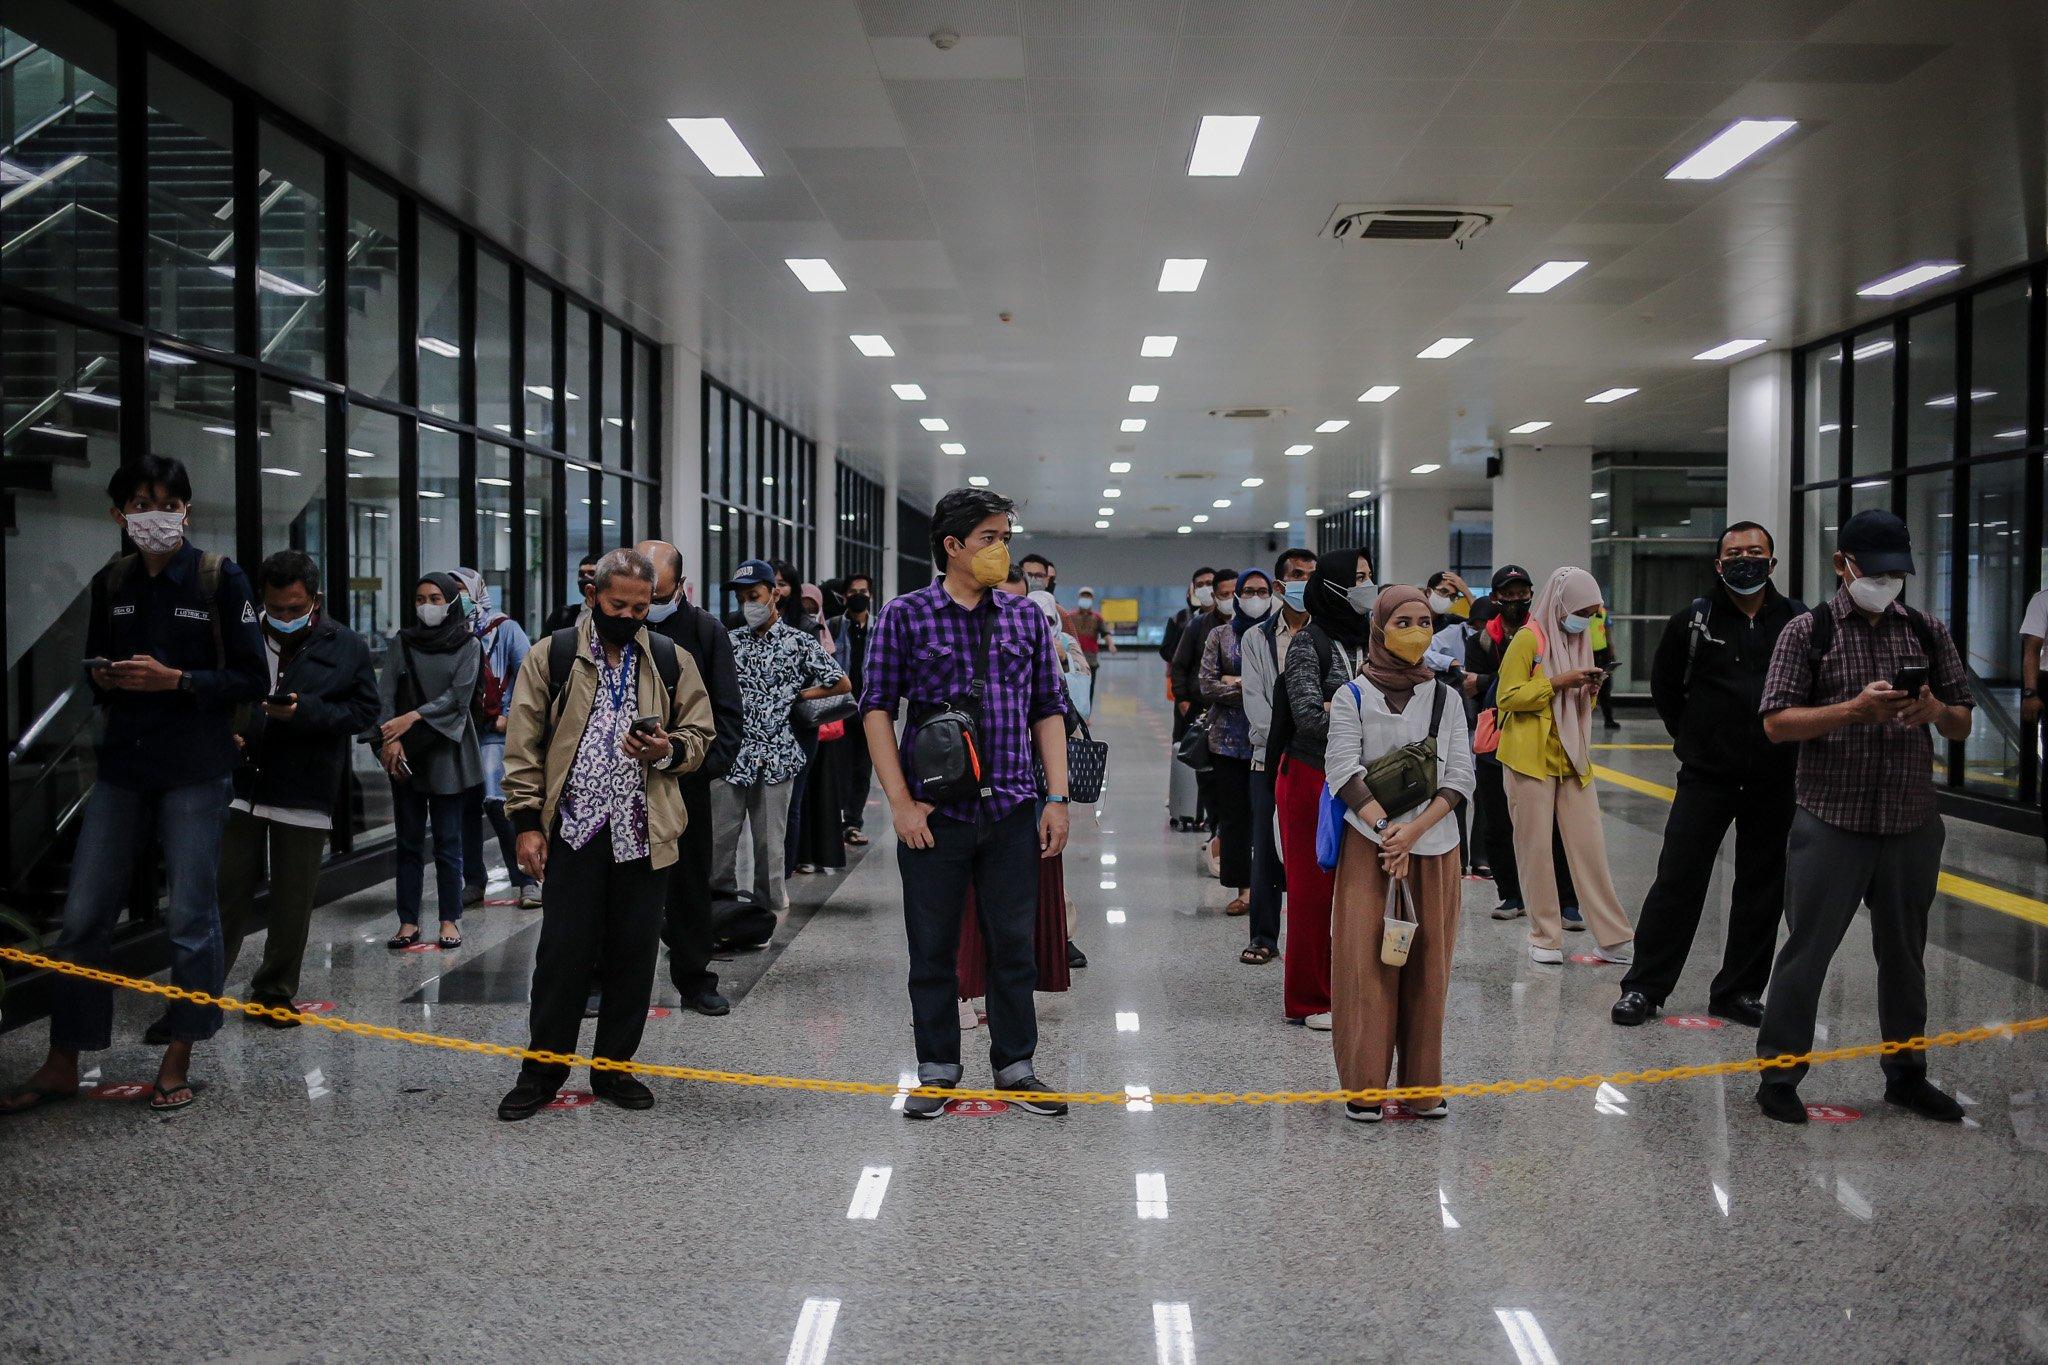 Calon penumpang antre sebelum menuju peron jalur layang (elevated track) di Stasiun Manggarai, Jakarta, Kamis (30/9/2021).Jalur layang Bogor Line di Stasiun Manggarai telah beroperasi yang terdiri dari empat peron bagi penumpang KRL Commuter Line relasi Jakarta-Bogor, Hingga hari ini, progres konstruksi Stasiun Manggarai sudah mencapai 90,3 persen.